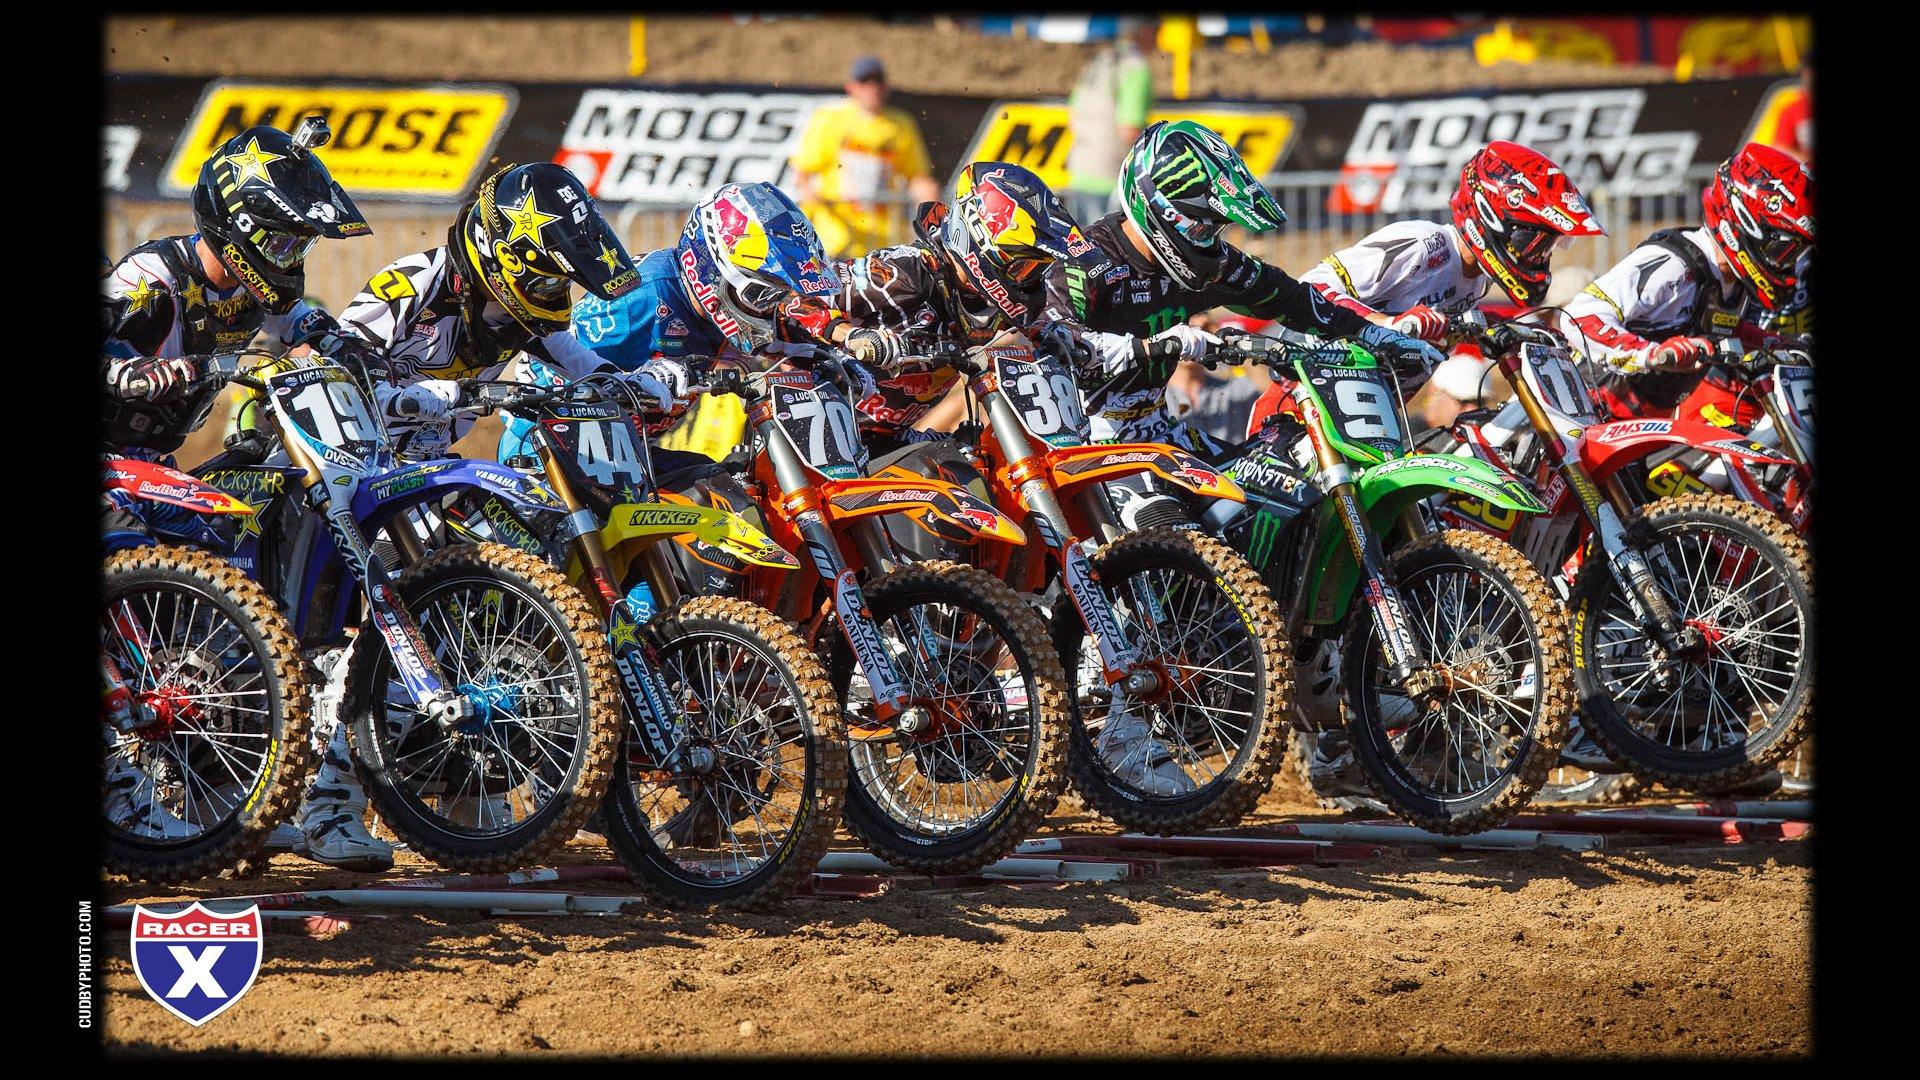 hangtown mx wallpapers - motocross - racer x online